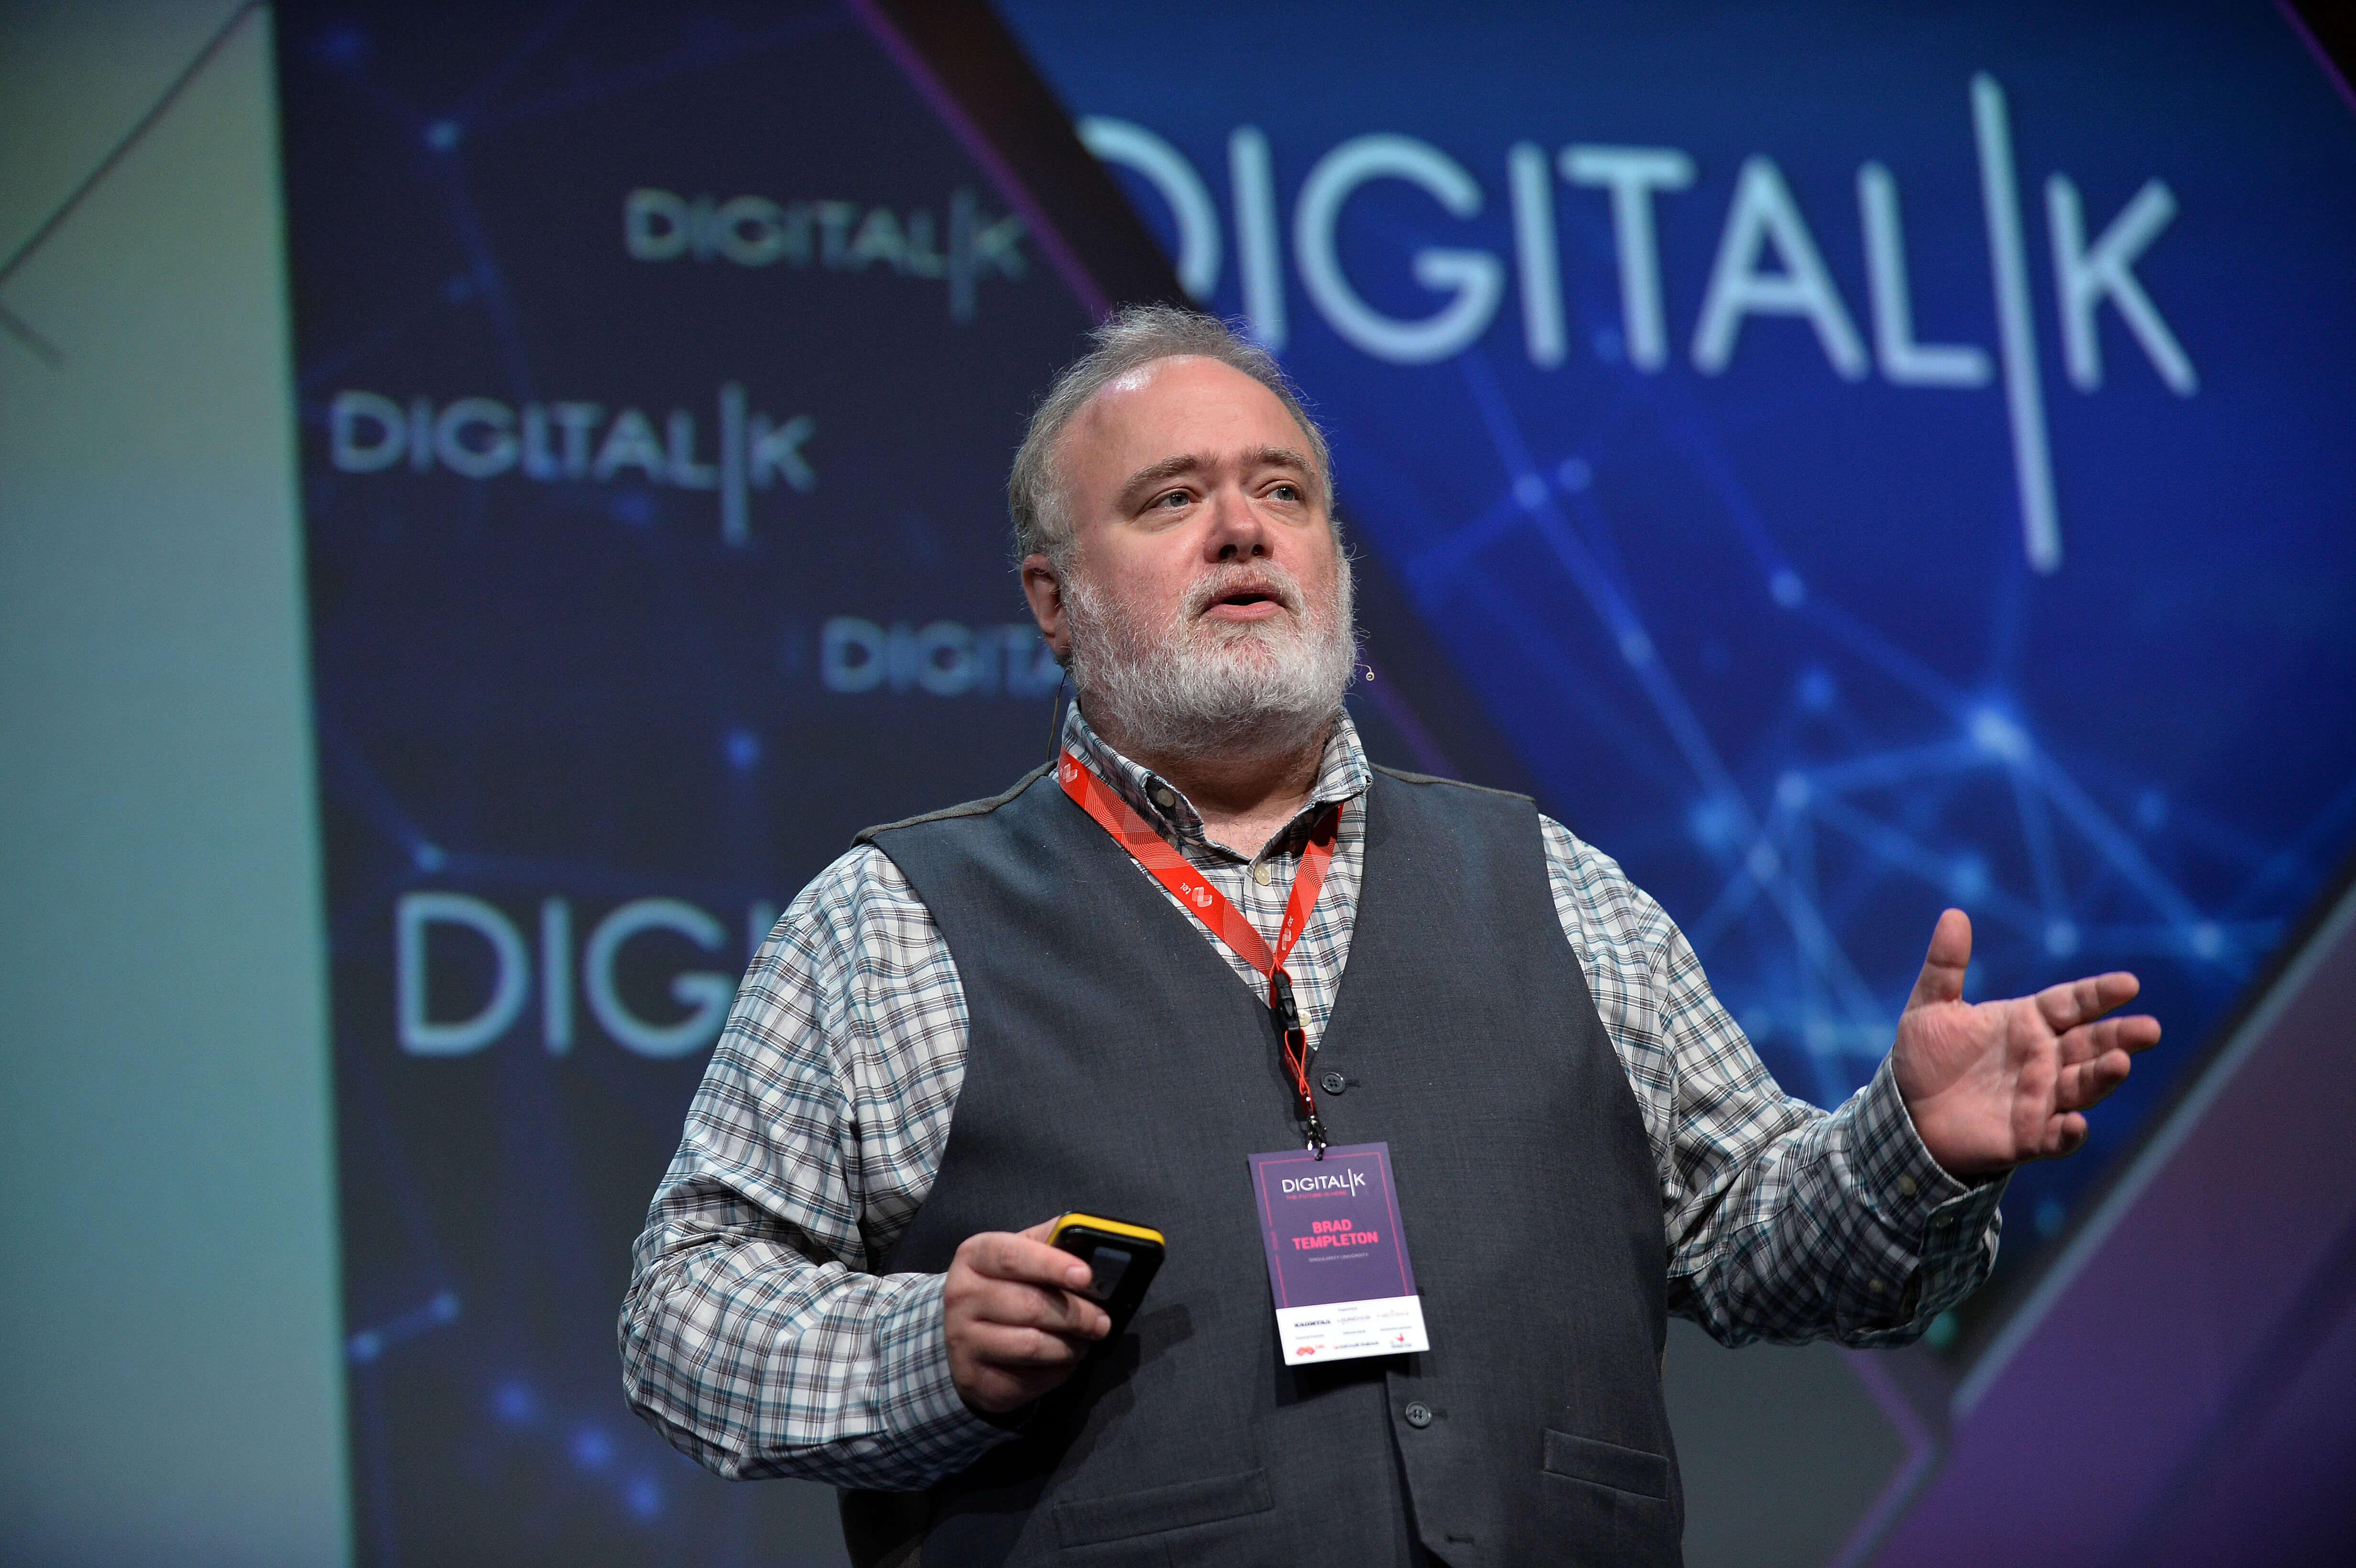 digitalk, capital